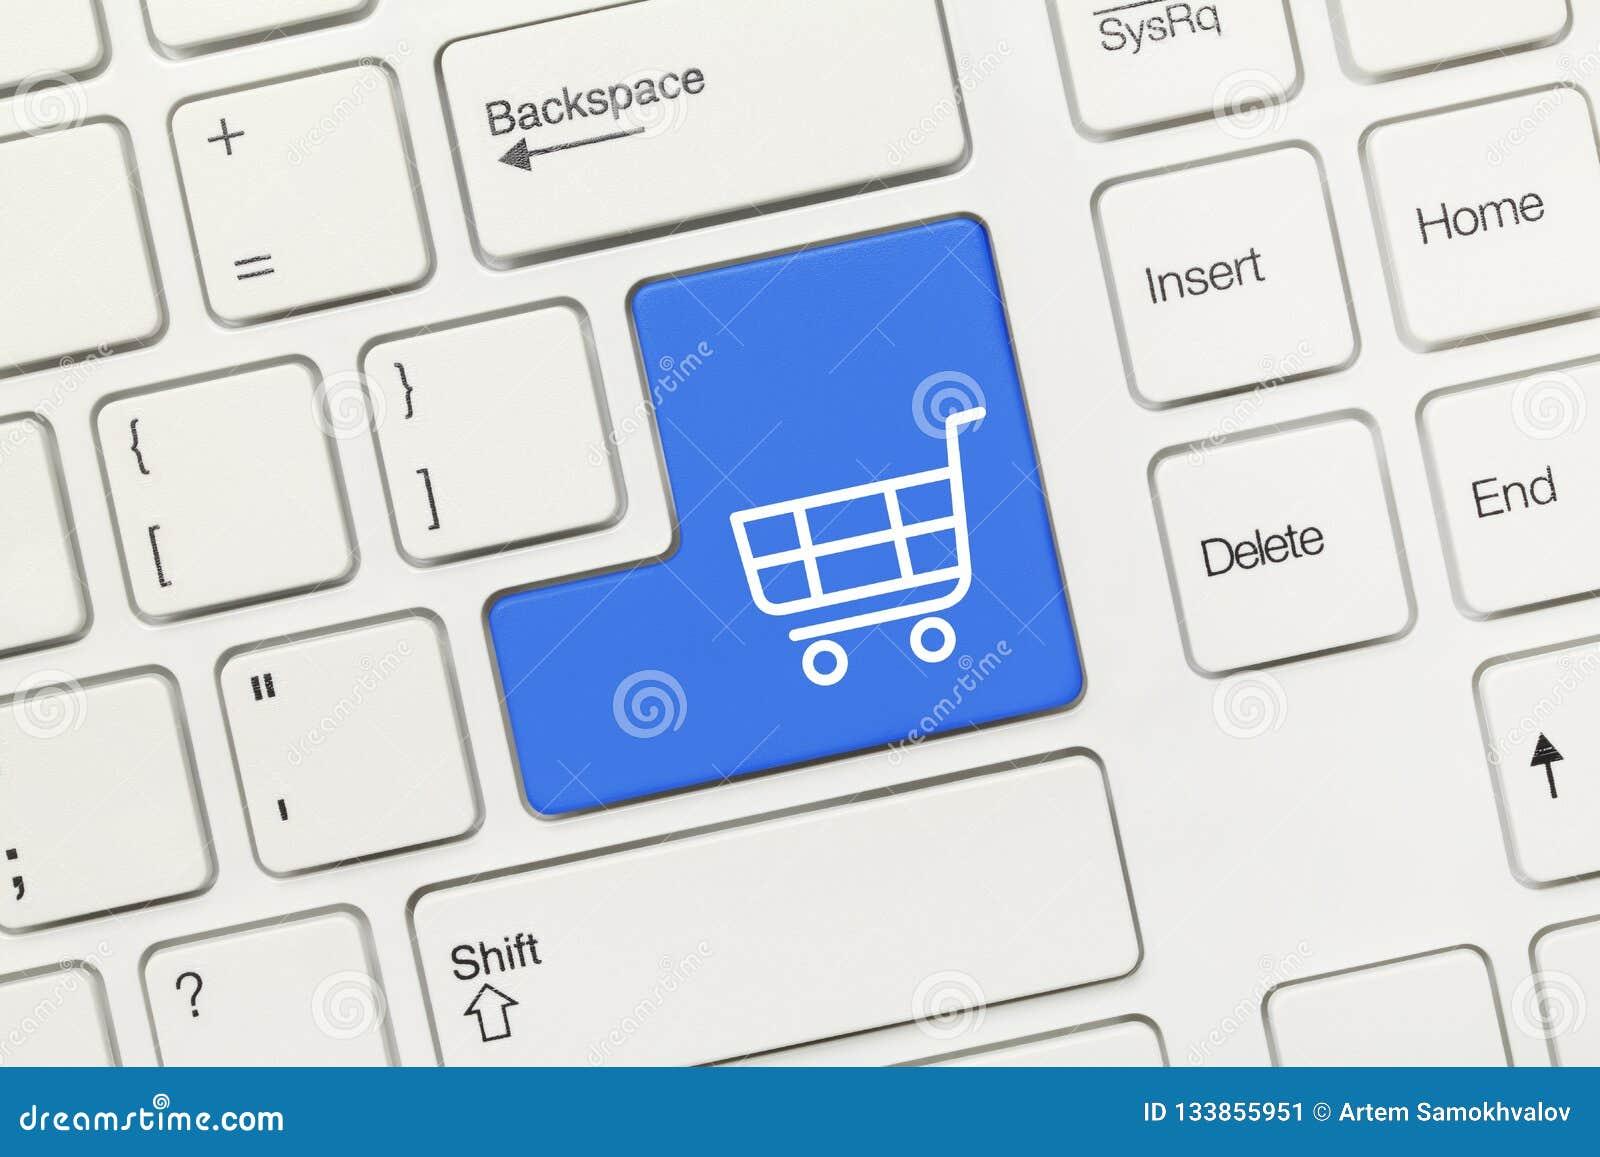 Vitt begreppsmässigt tangentbord - tangent för symbol för shoppingvagn blå